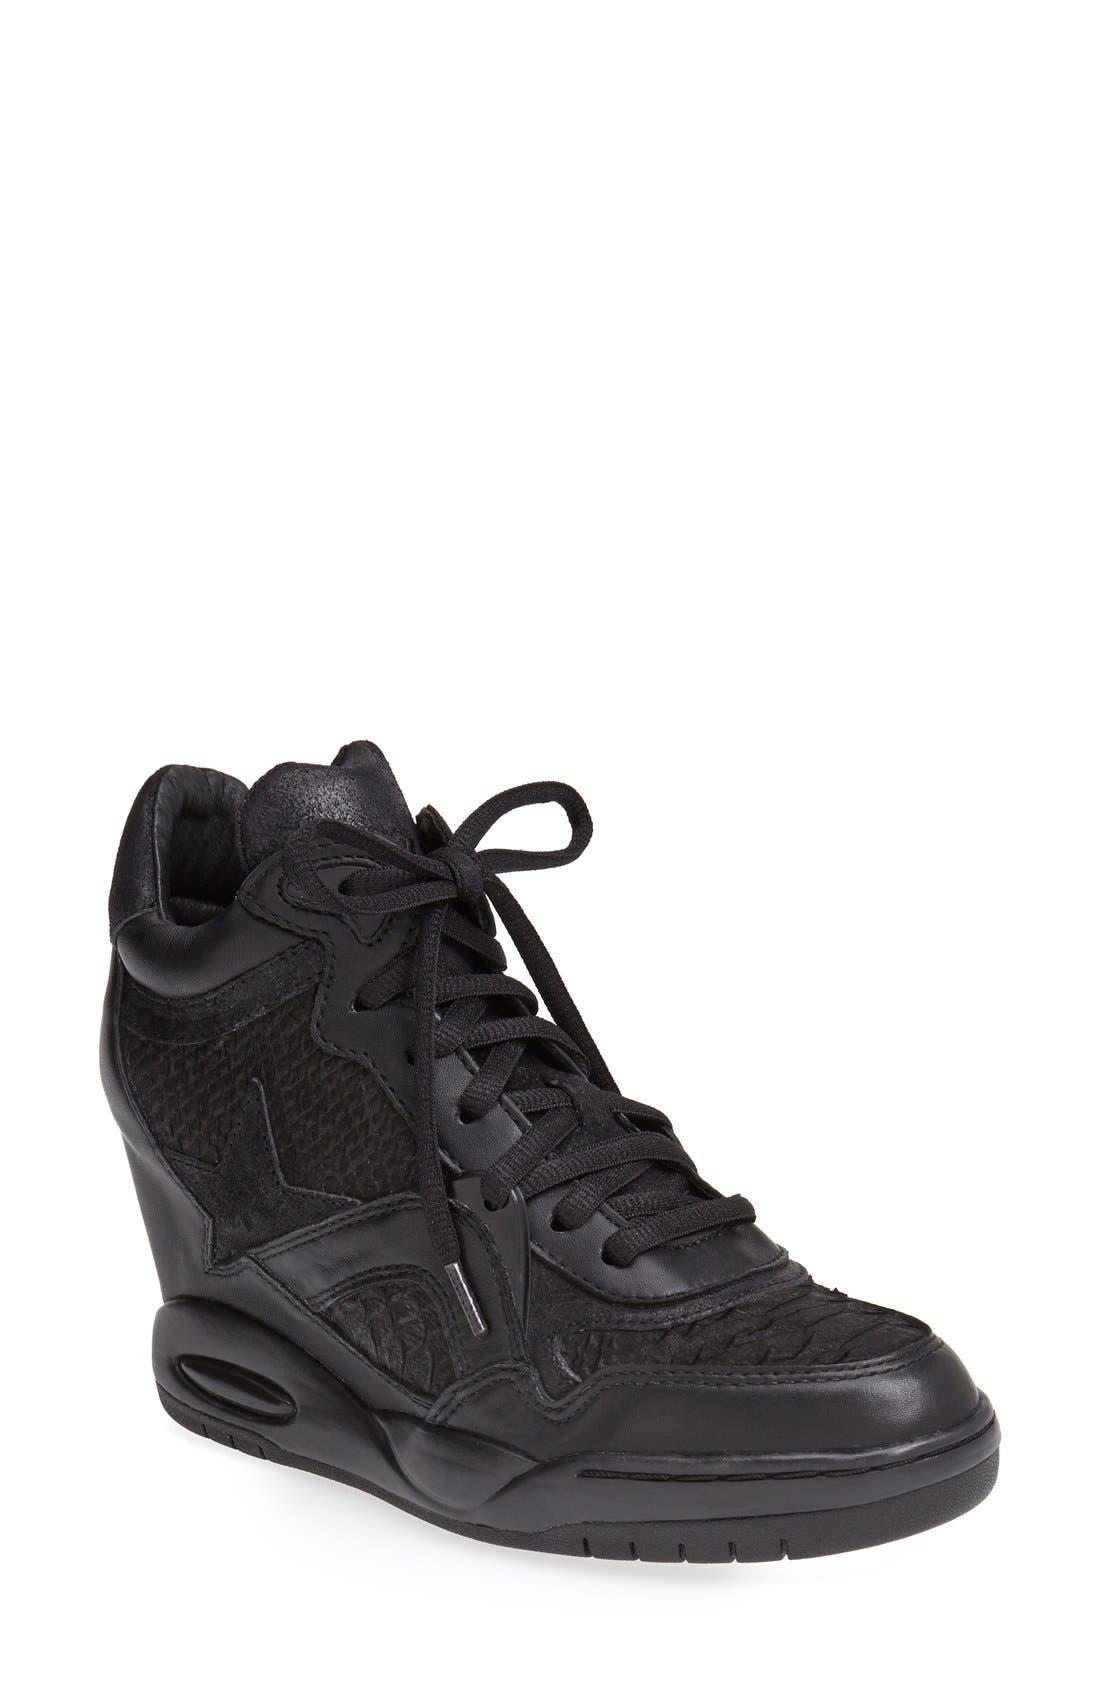 Alternate Image 1 Selected - Ash 'Bling' Hidden Wedge Sneaker (Women)